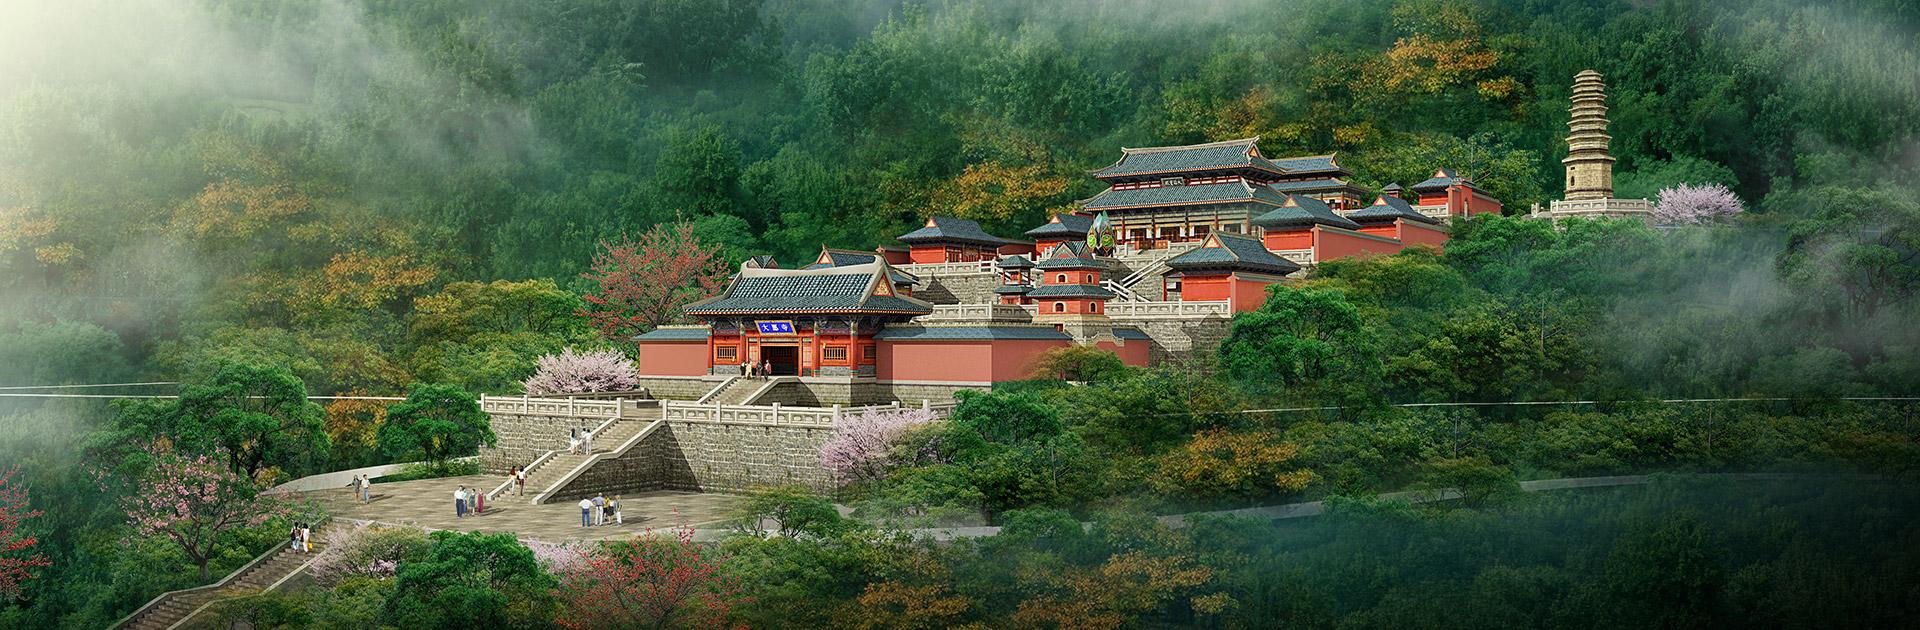 香山公园大愿寺